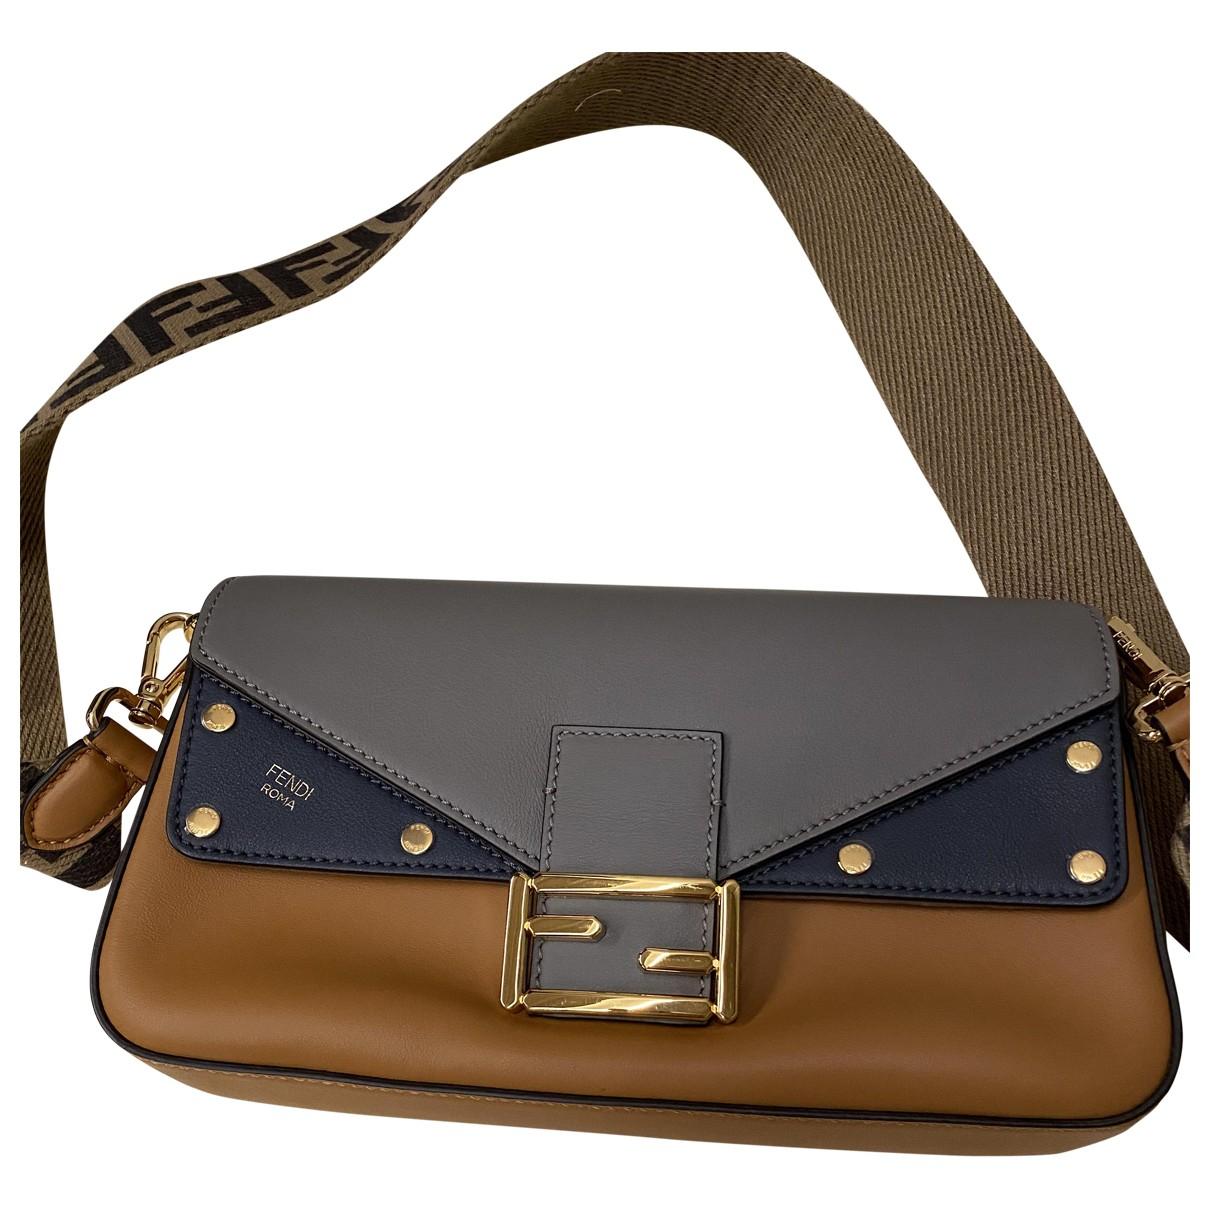 Fendi Baguette Camel Leather handbag for Women \N